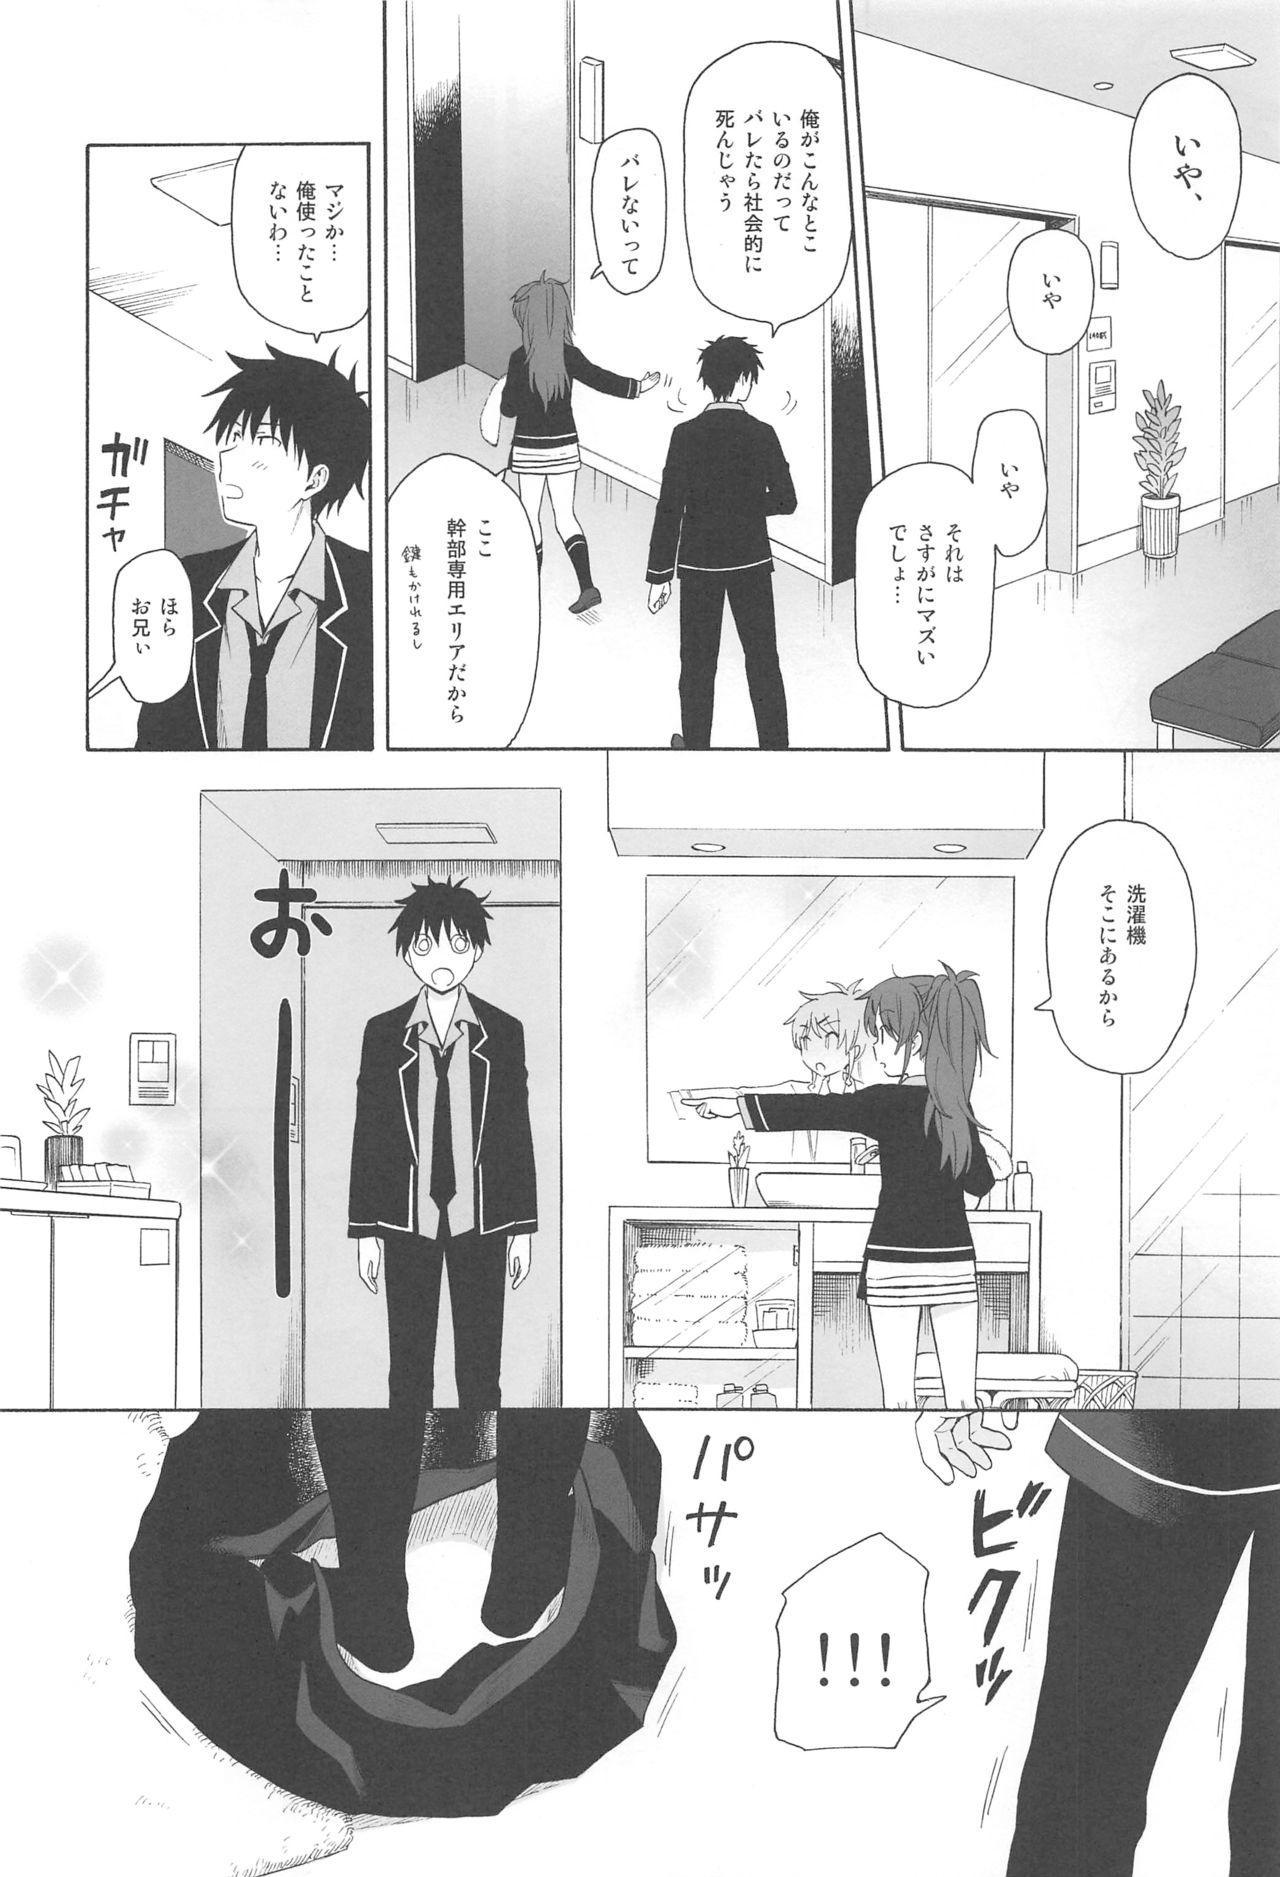 Kono Sekai no Owari made 16